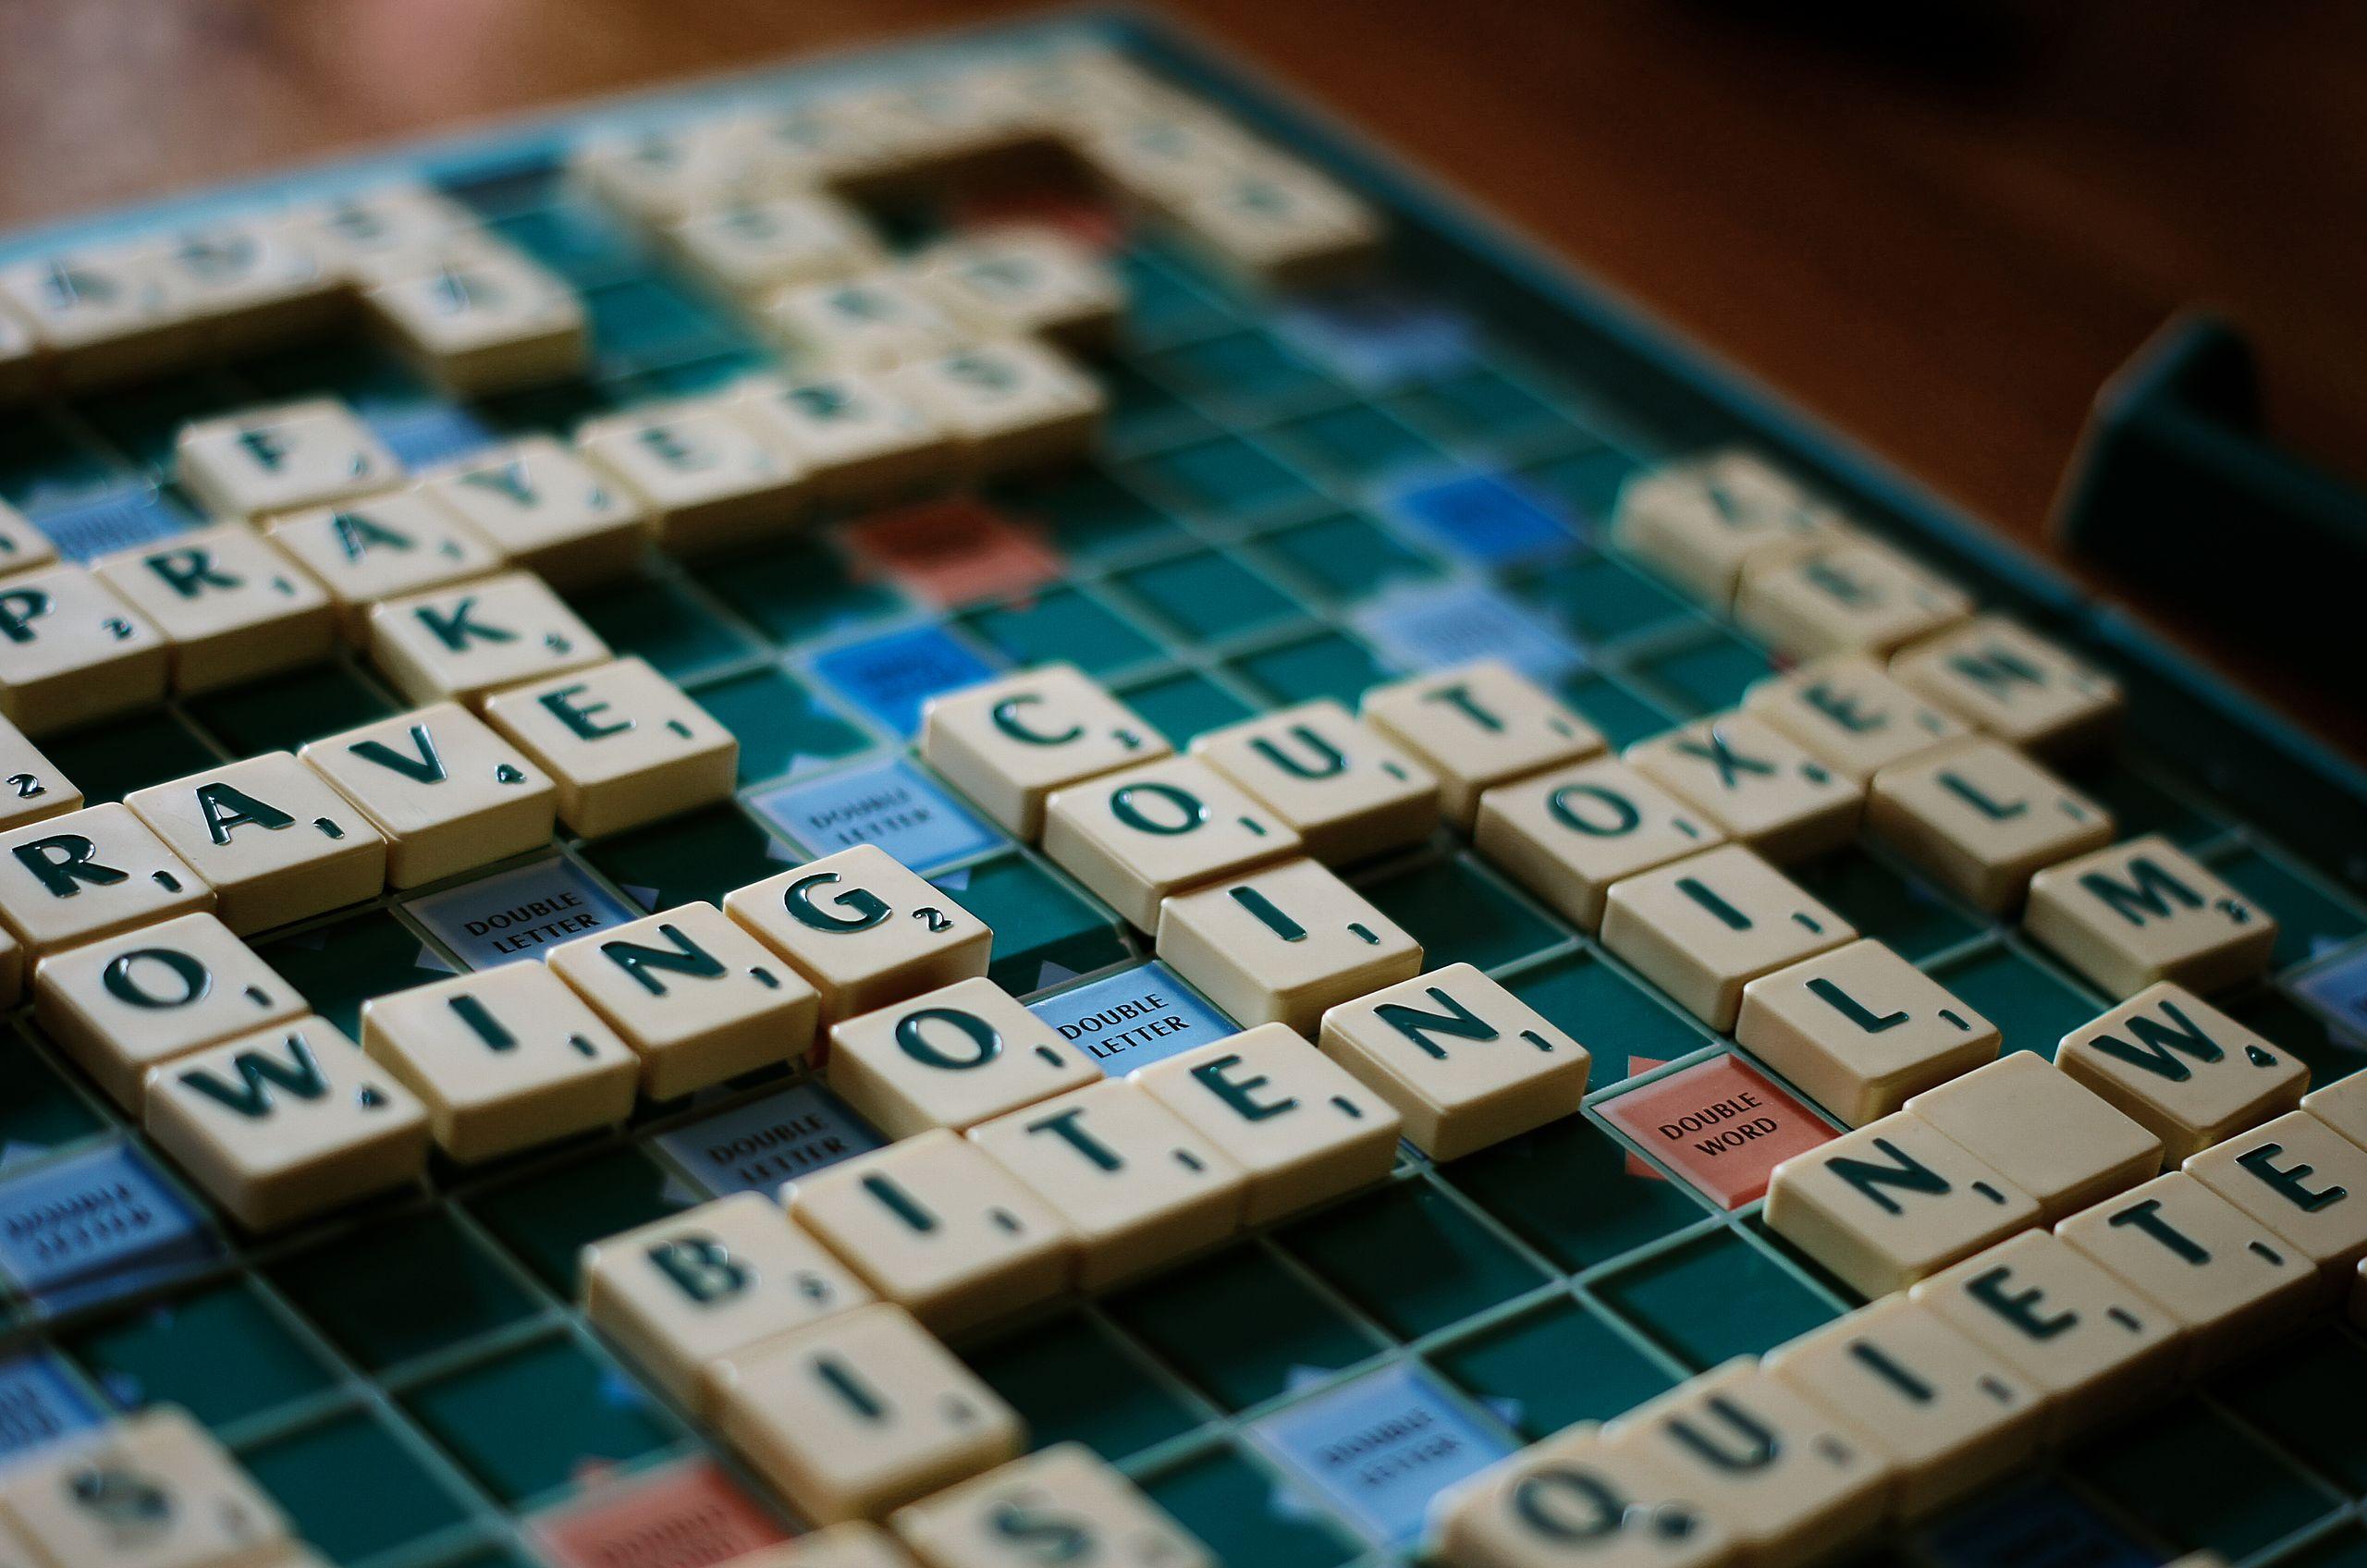 scrabble game tiles